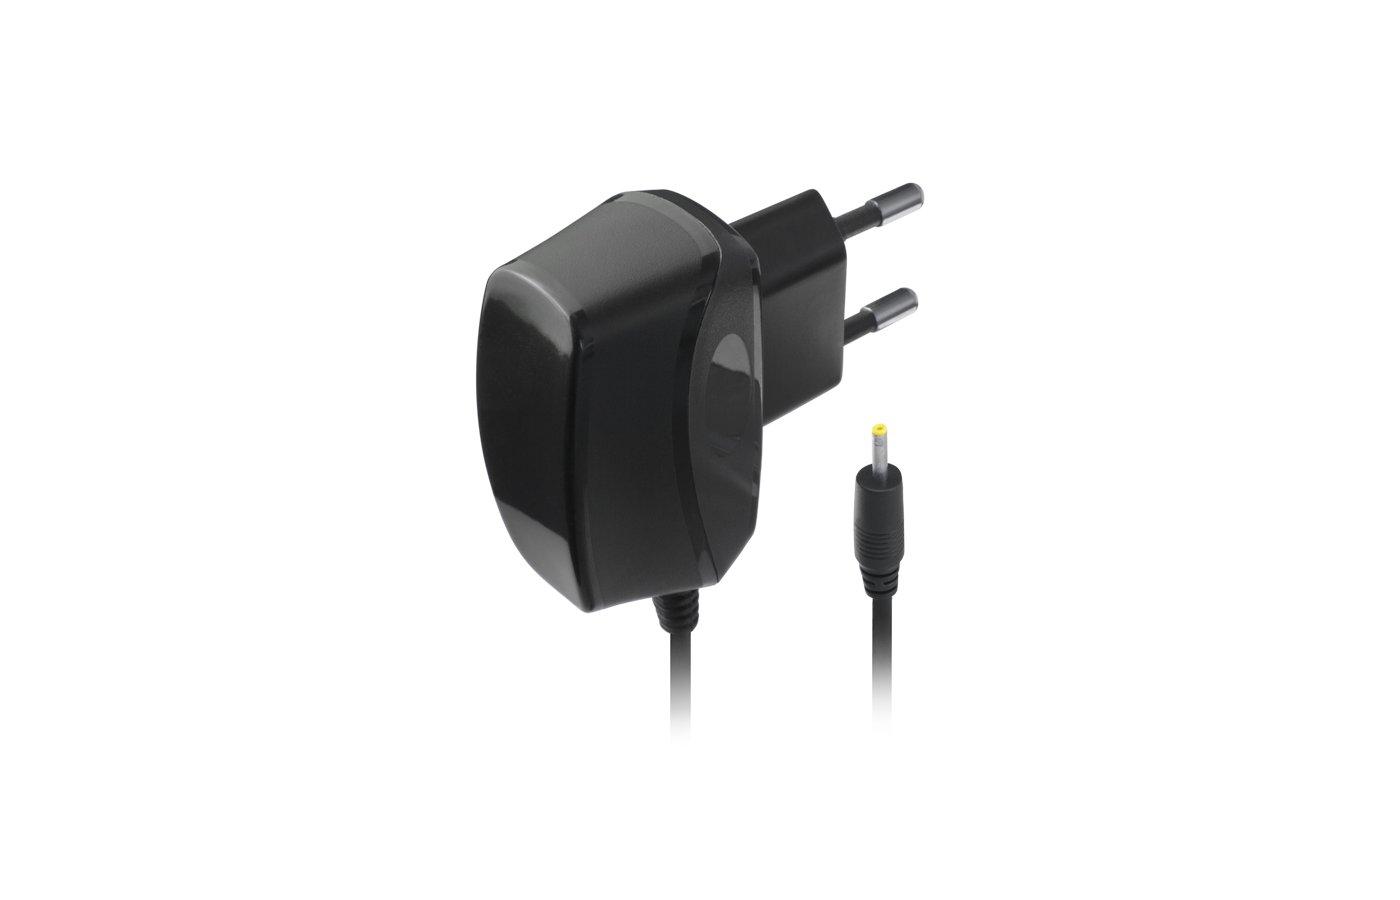 Зарядное устройство TeXet СЗУ DC jack 2.5mm 2.1А для зарядки планшетов и эл.книг (TTC-1081)